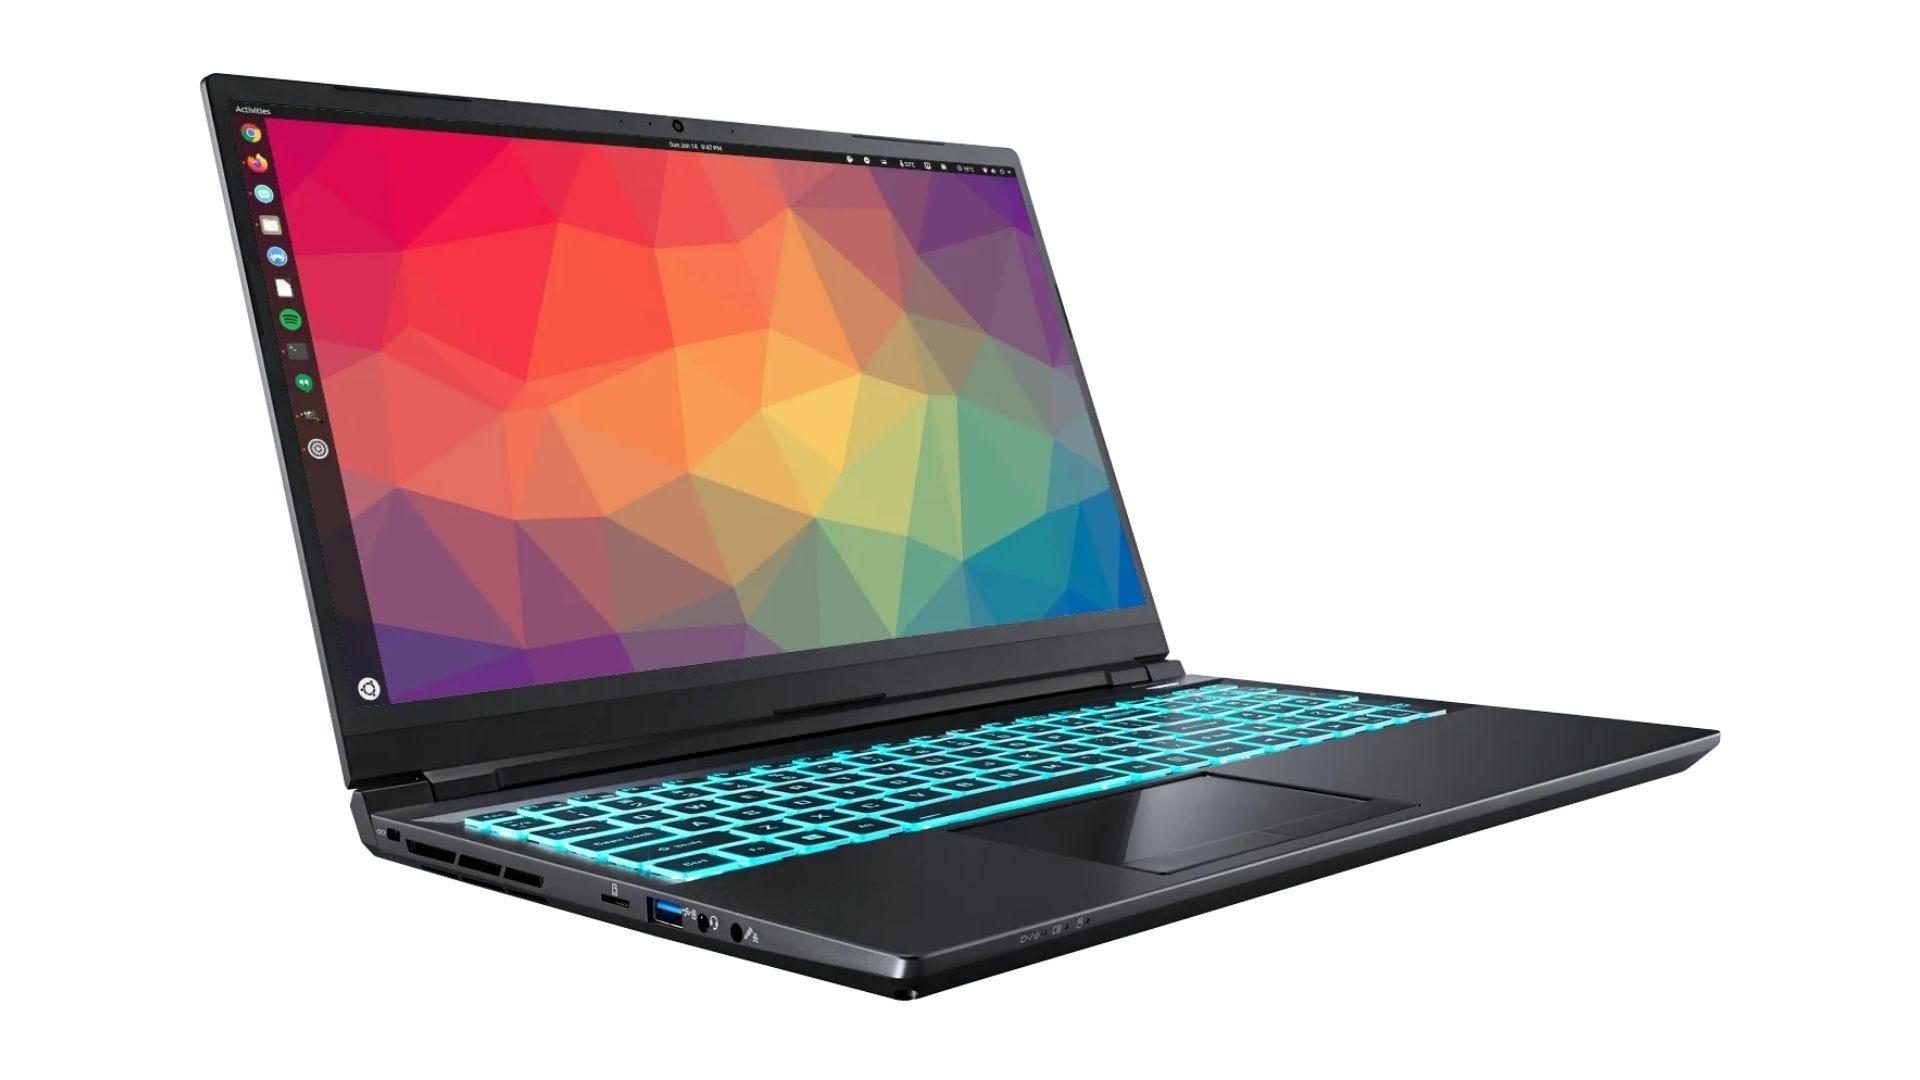 15-дюймовый ноутбук Juno Neptune под управлением Linux